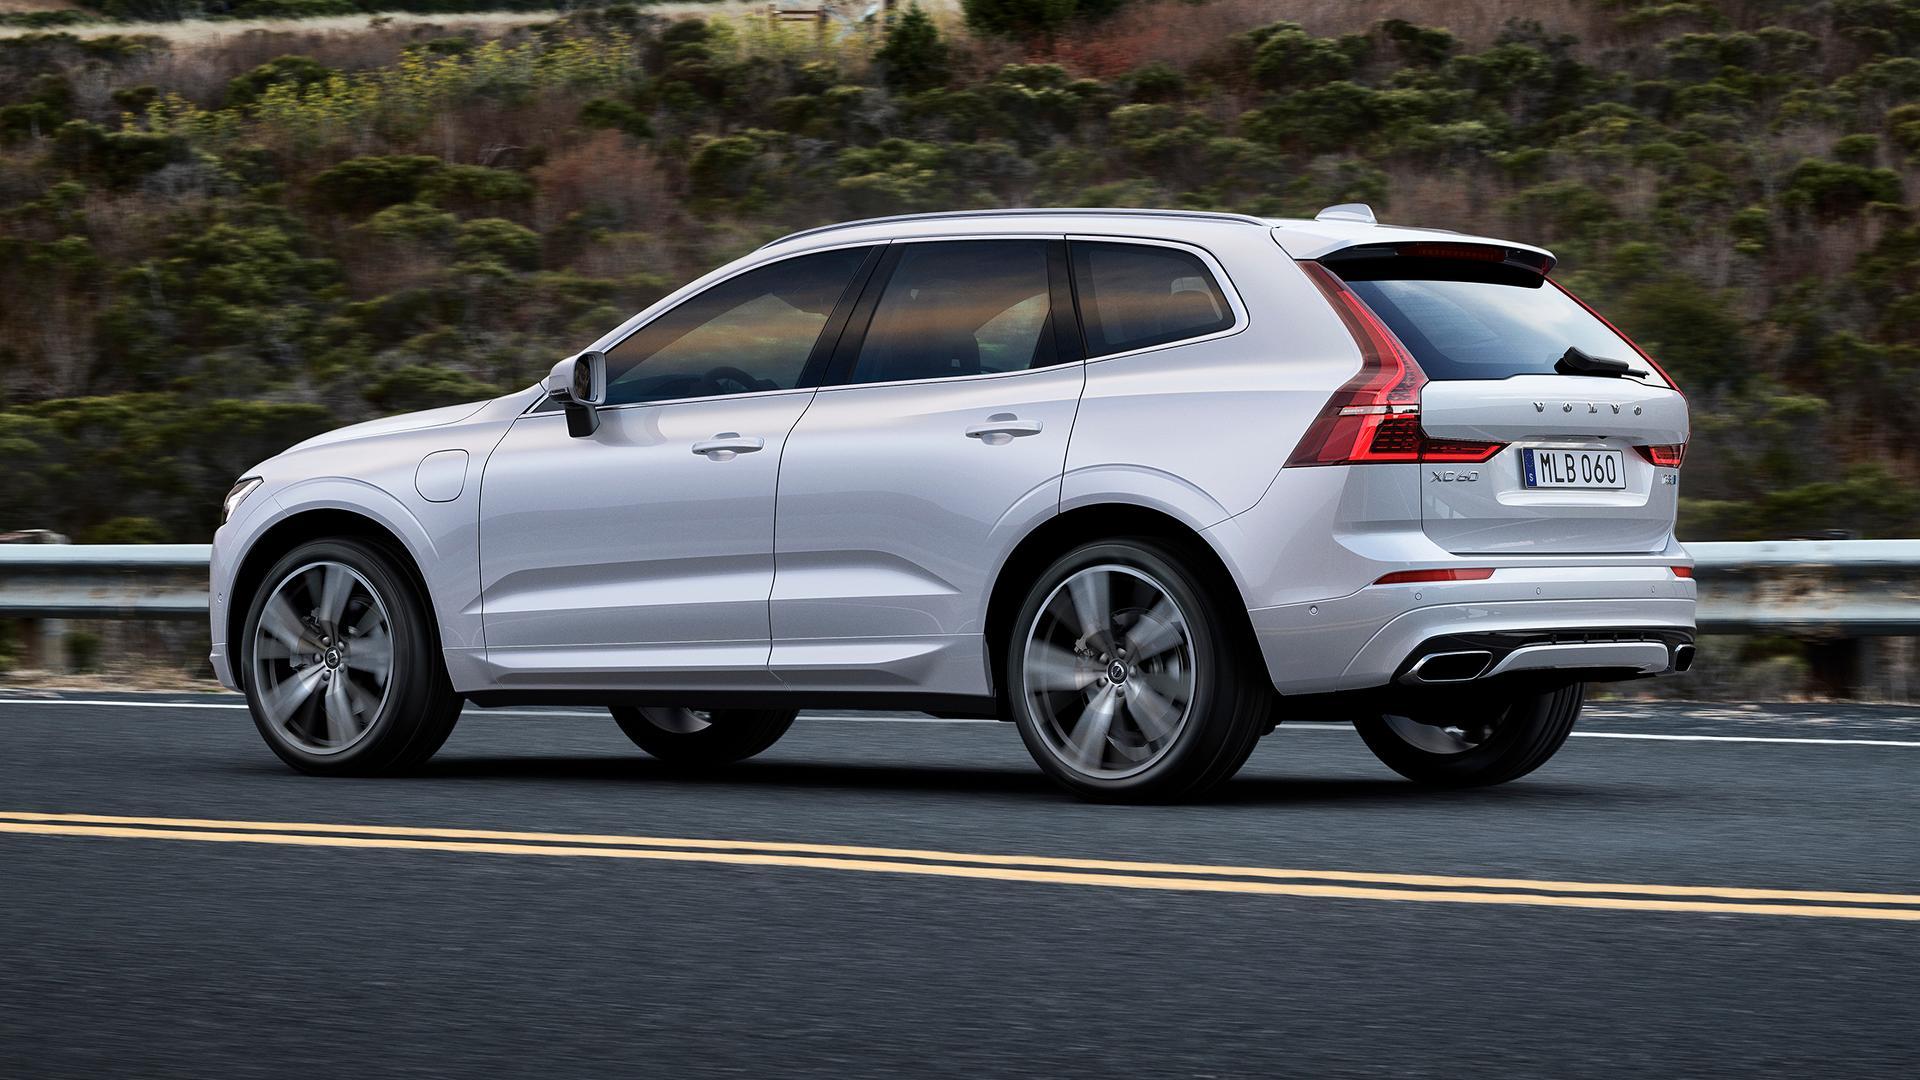 نتیجه تصویری برای Volvo XC60